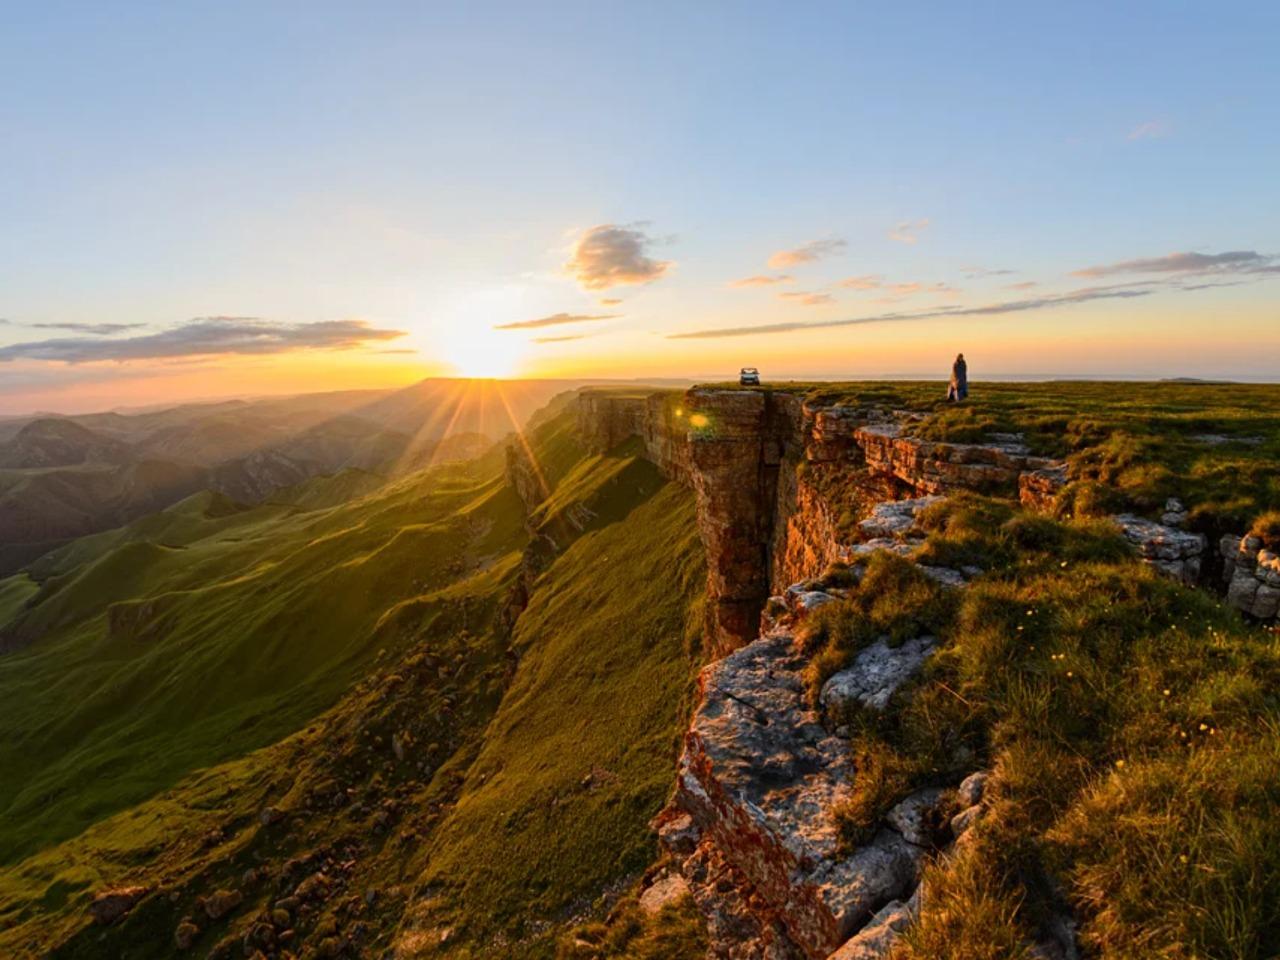 Сказочный рассвет на плато Бермамыт - индивидуальная экскурсия в Кисловодске от опытного гида